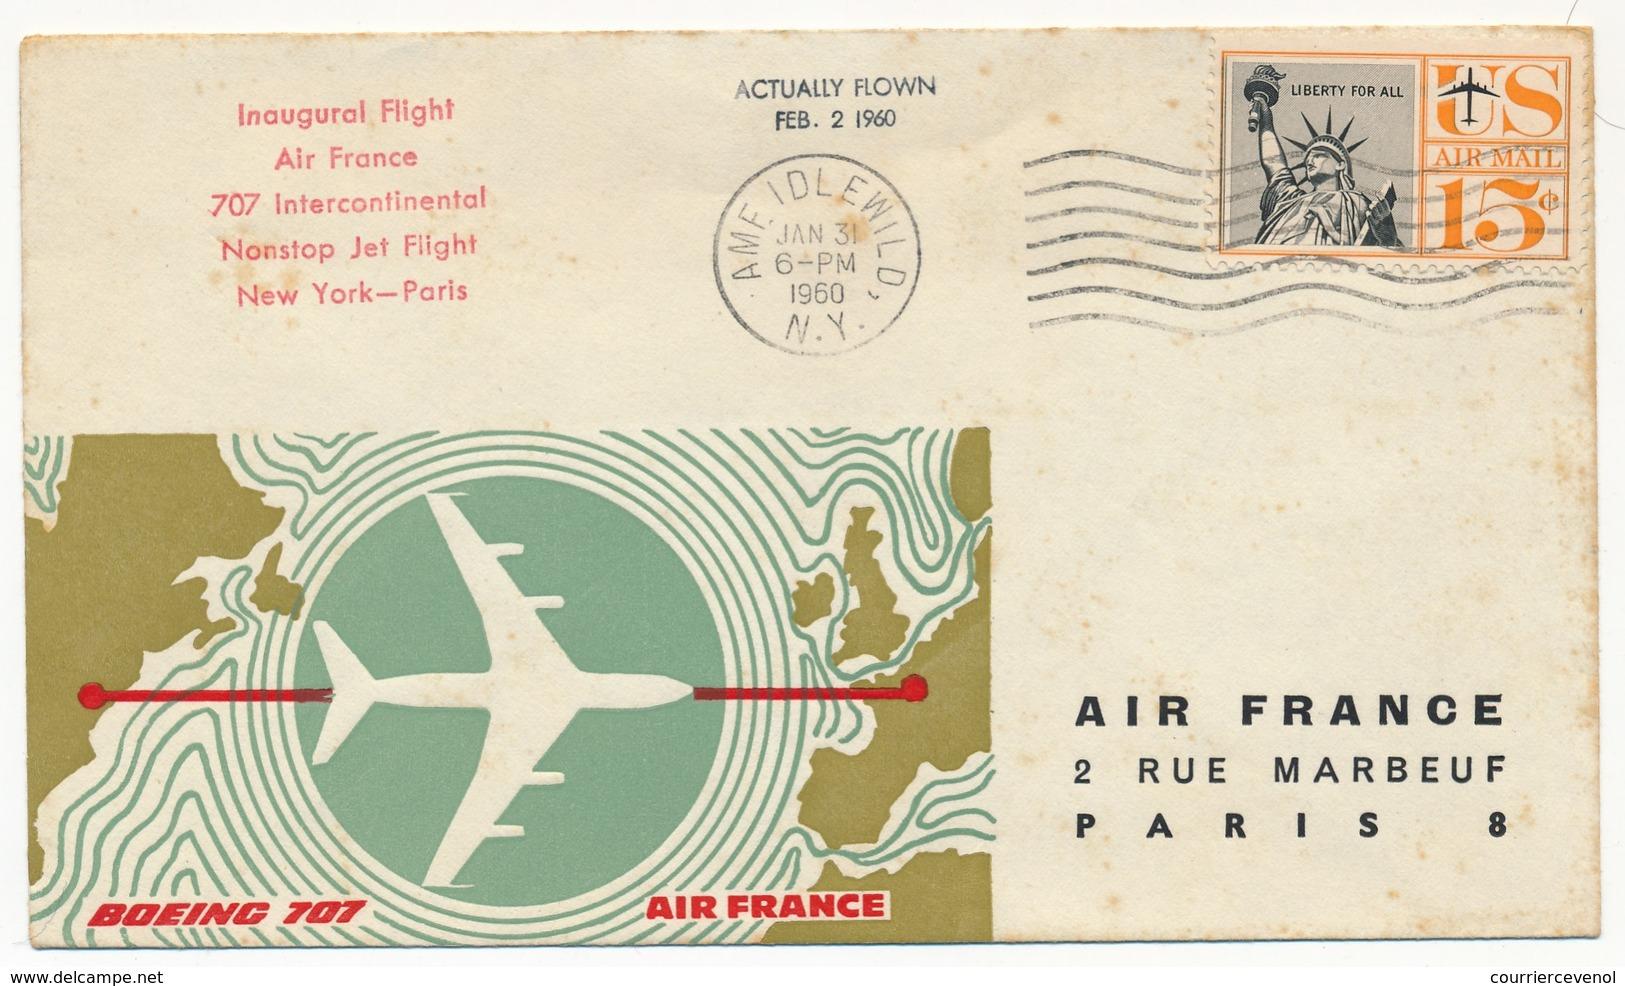 FRANCE /ETATS UNIS - Première Liaison AIR FRANCE 707 Intercontinental NEW-YORK PARIS Et Retour 31.1.1960 - First Flight Covers